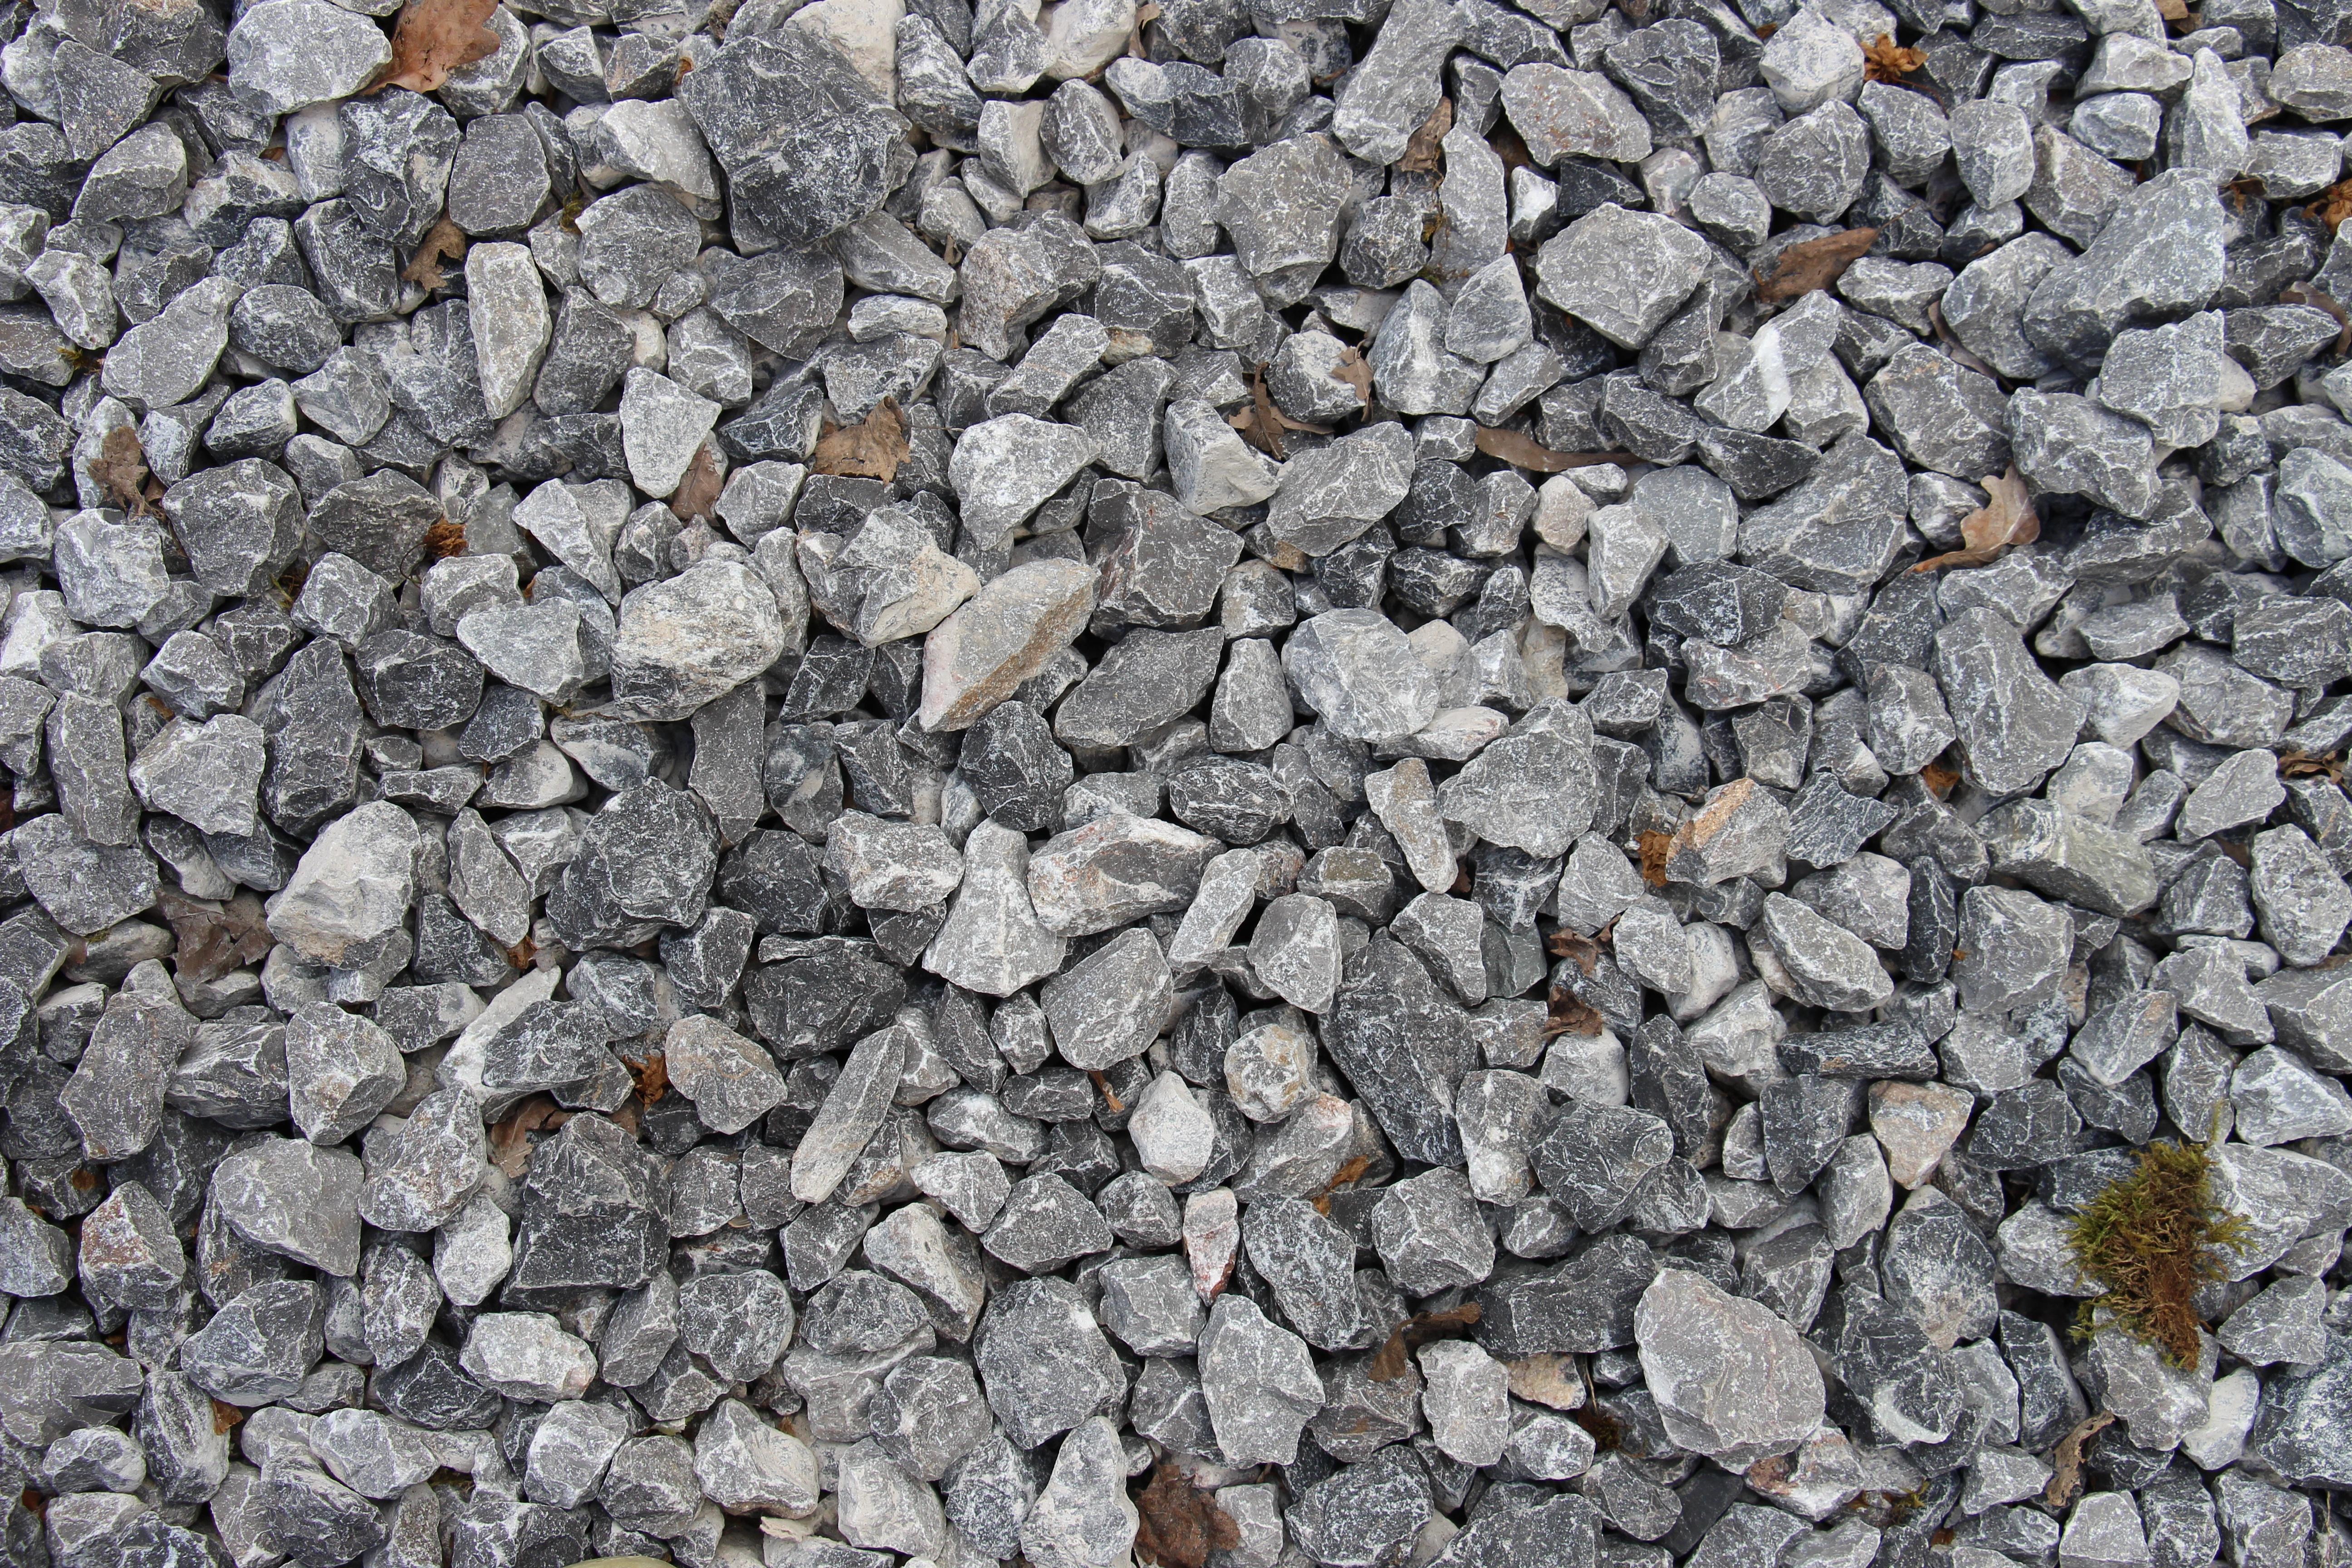 rock suelo textura asfalto guijarro suelo pared de piedra material gris piedras escombros fondo grava guijarros